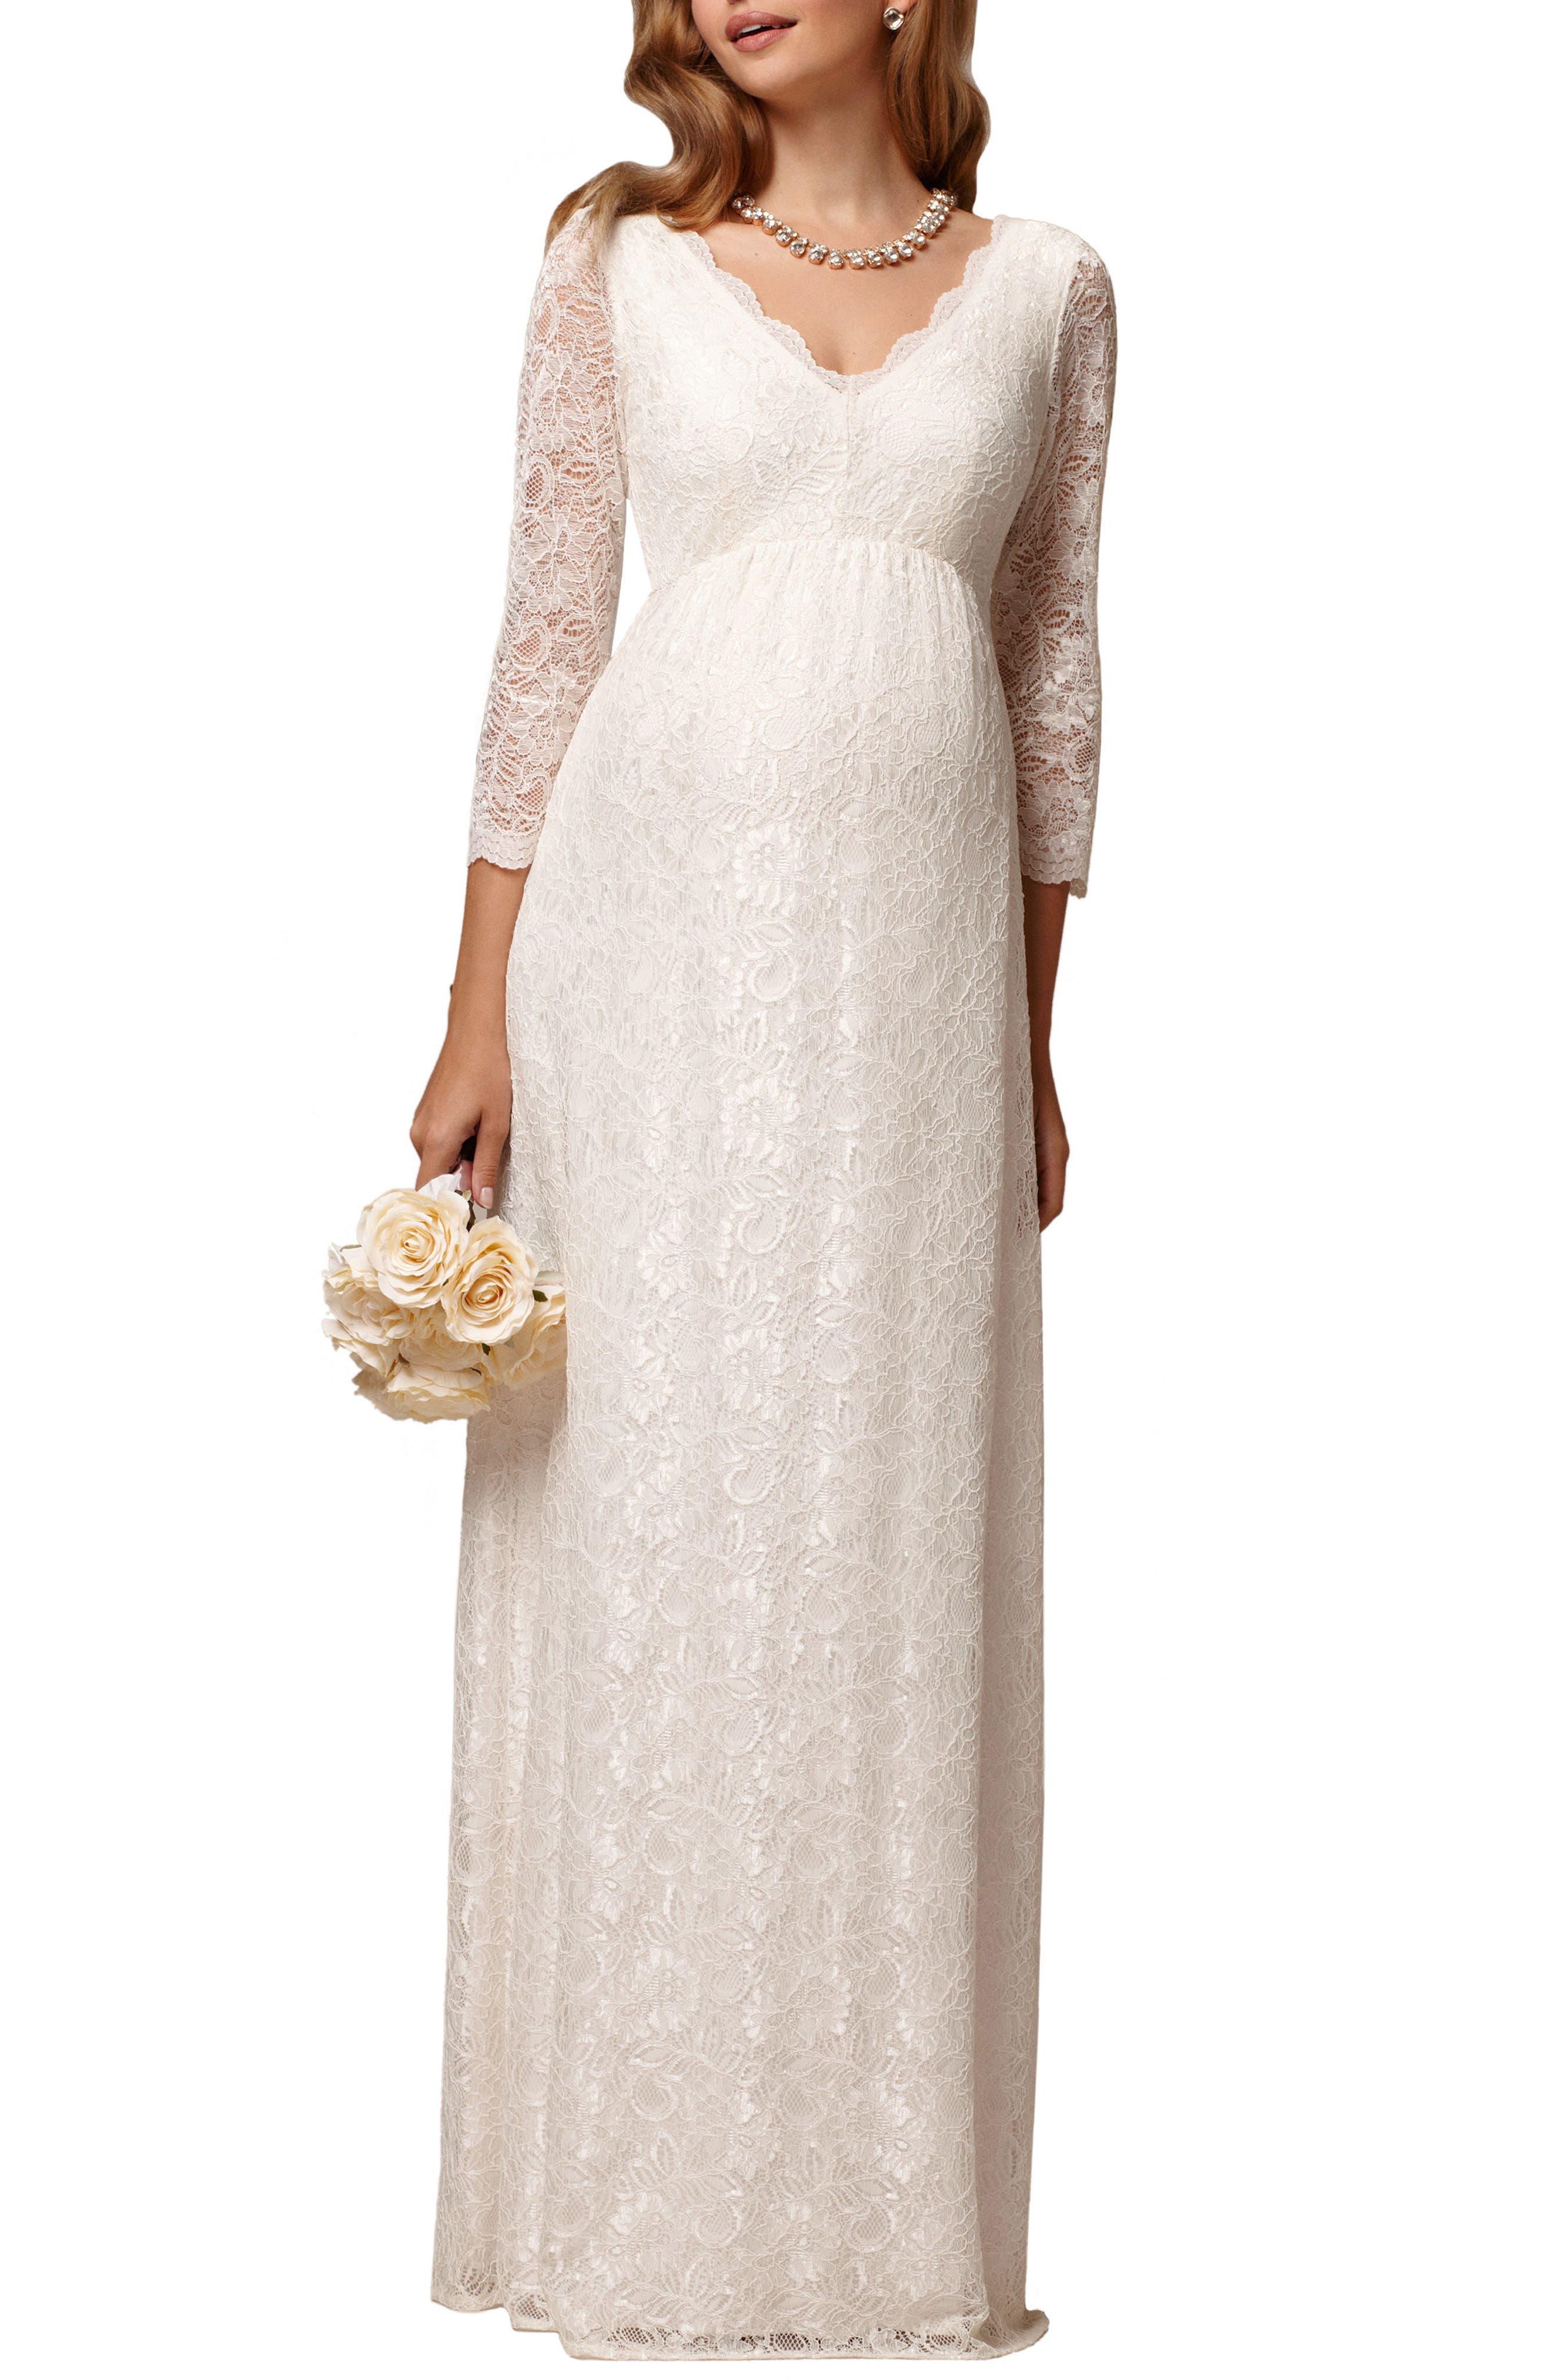 Empire Waist Wedding Dresses. Simplicity Empire Waist Wedding Dress ...